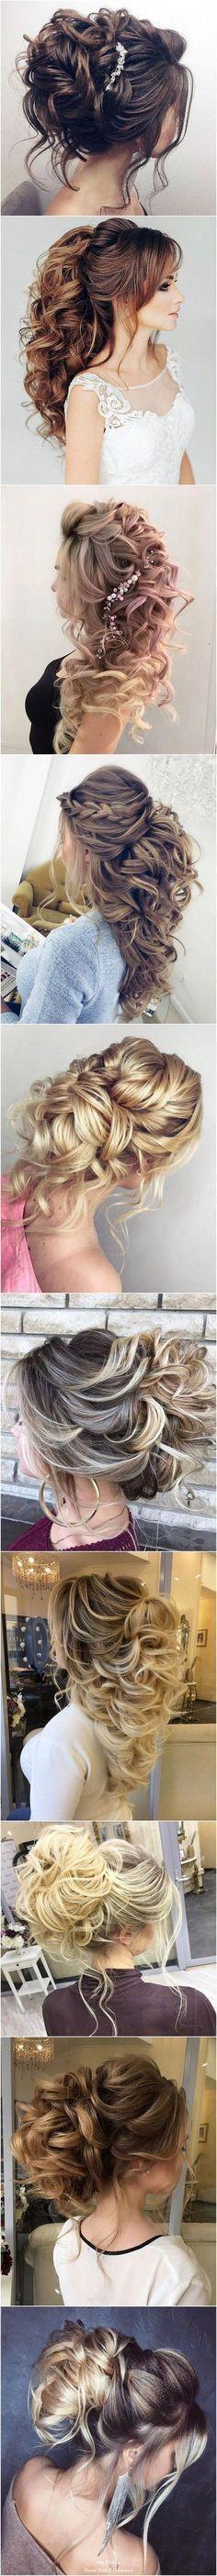 Tenemos para ti opciones para inspirarte e día de tu #boda #Wedding #Hairstyle #Hairdo #Wedding #Cabello #Hair